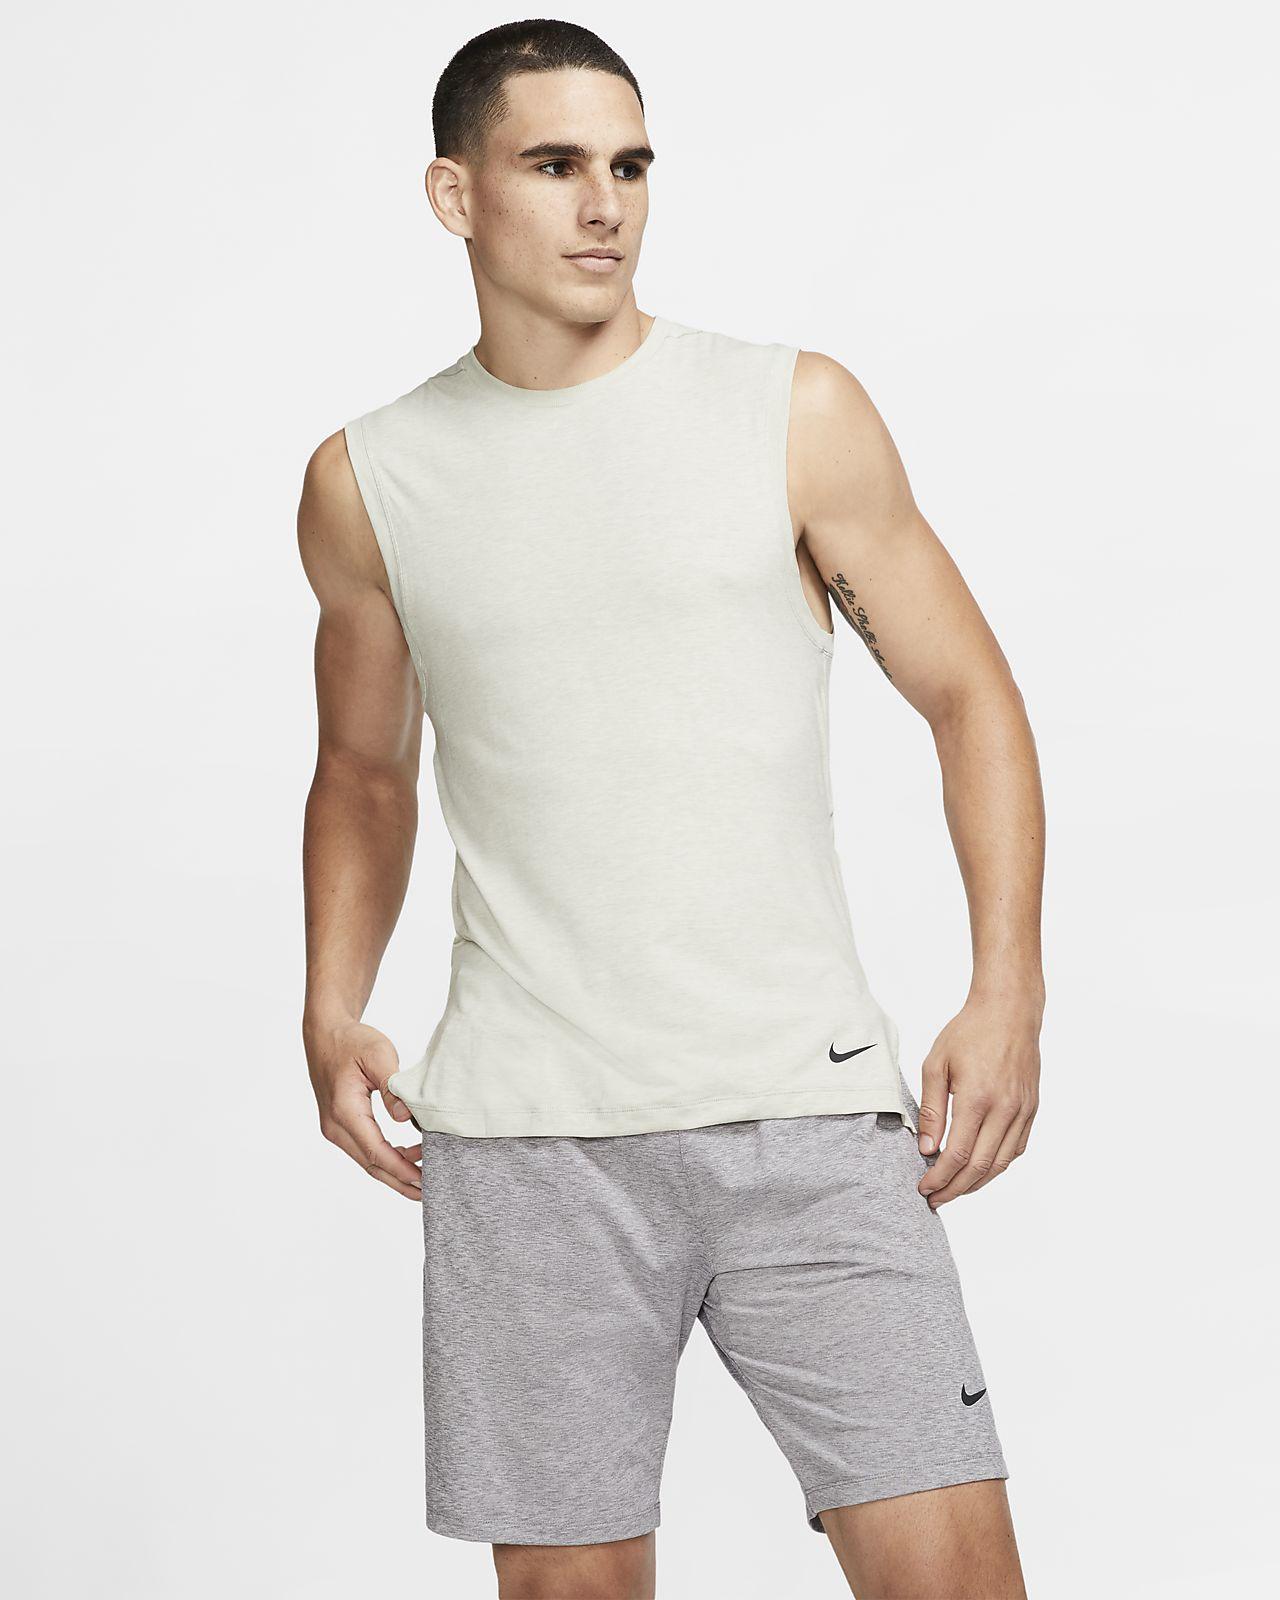 Nike Dri-FIT Camiseta de tirantes de entrenamiento de yoga - Hombre